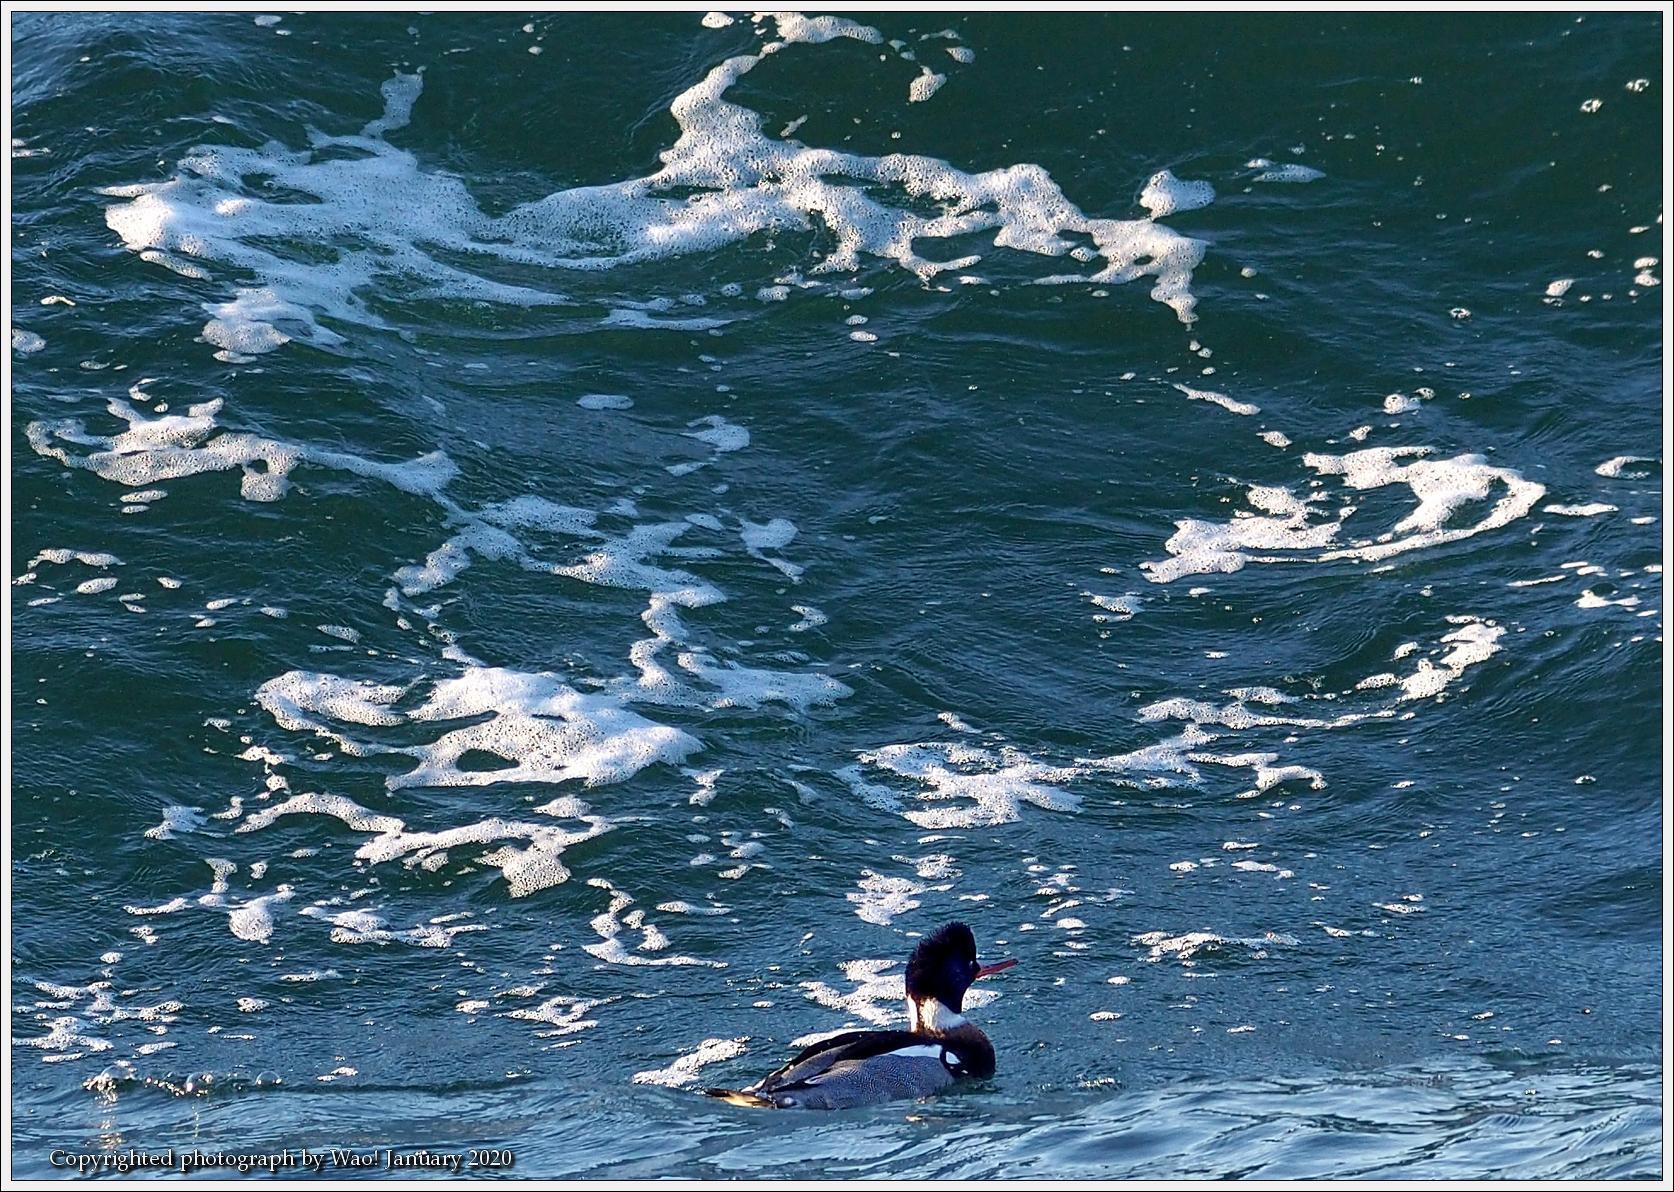 ウミアイサ 内湾で_c0198669_17421506.jpg